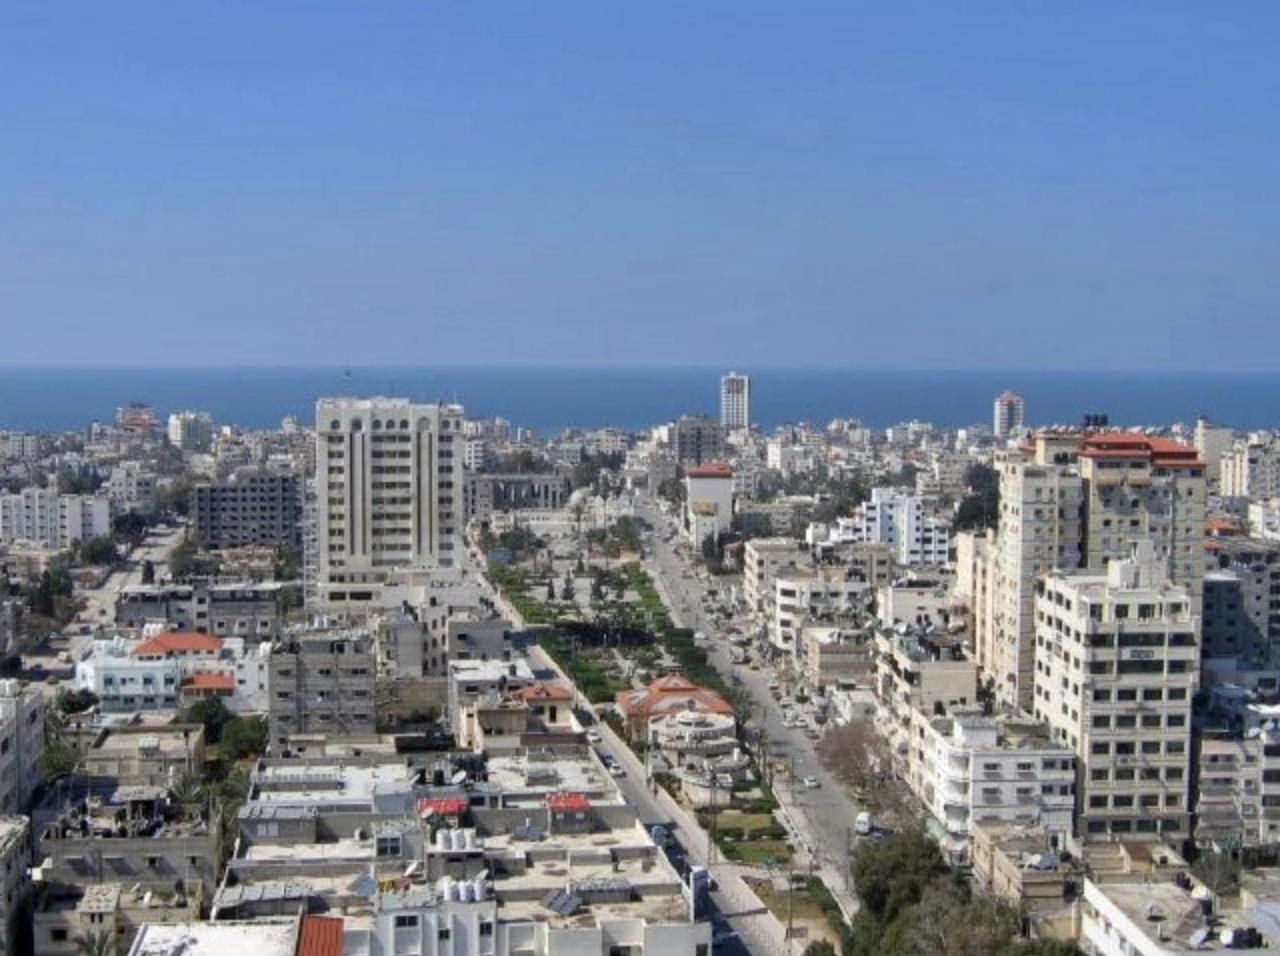 Moyen-Orient/Afrique du Nord : Ce qu'il ne fallait pas manquer de l'actualité économique de cette semaine 18